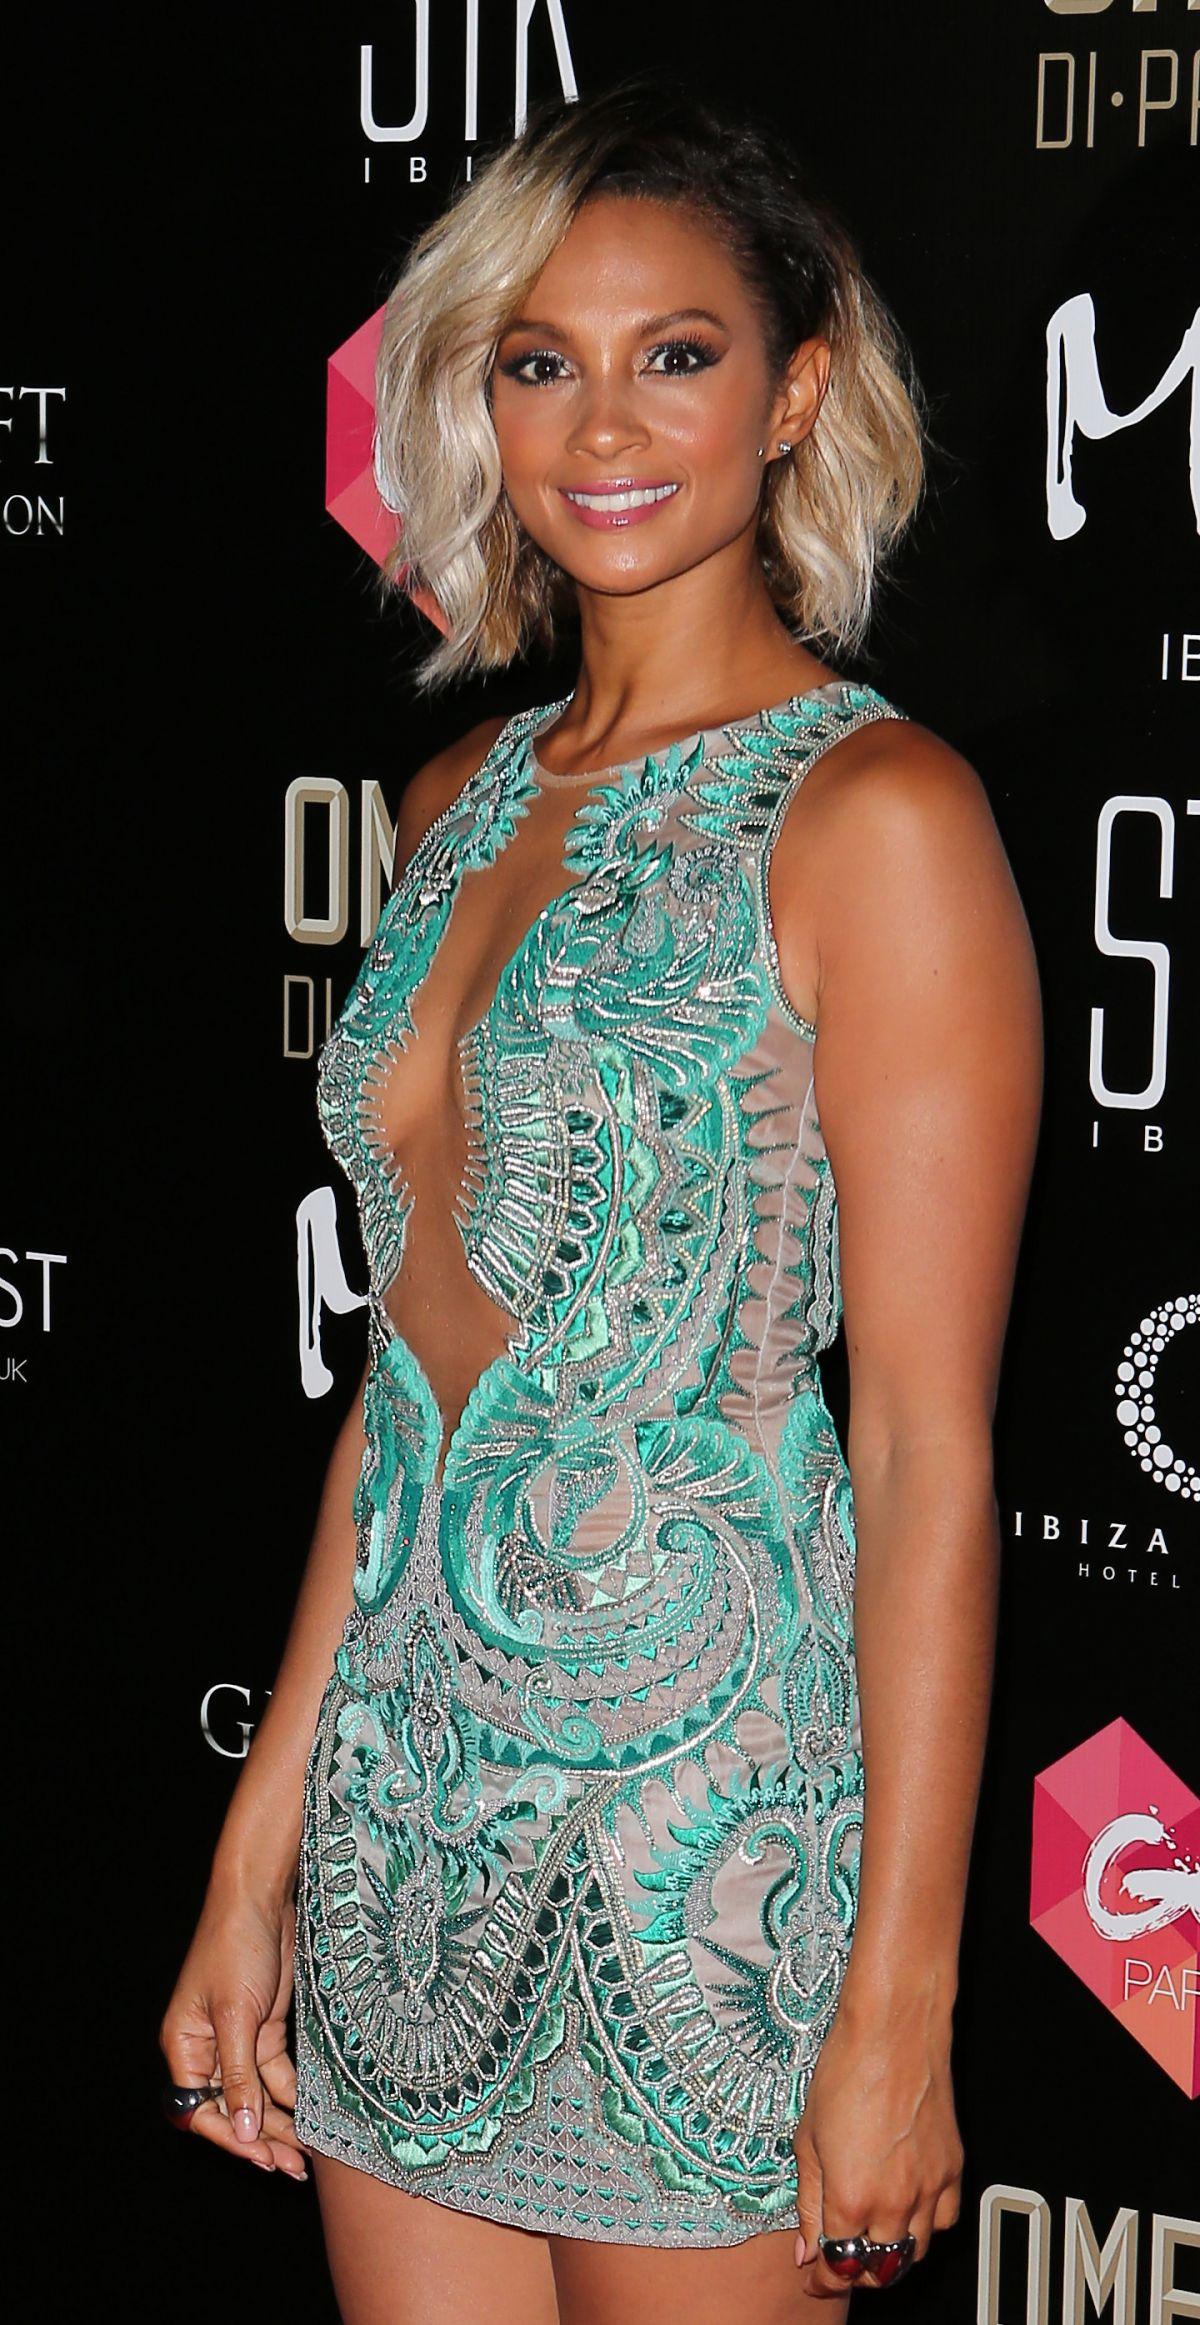 ALESHA DIXON at Ibiza Global Gift Party 07/19/2016